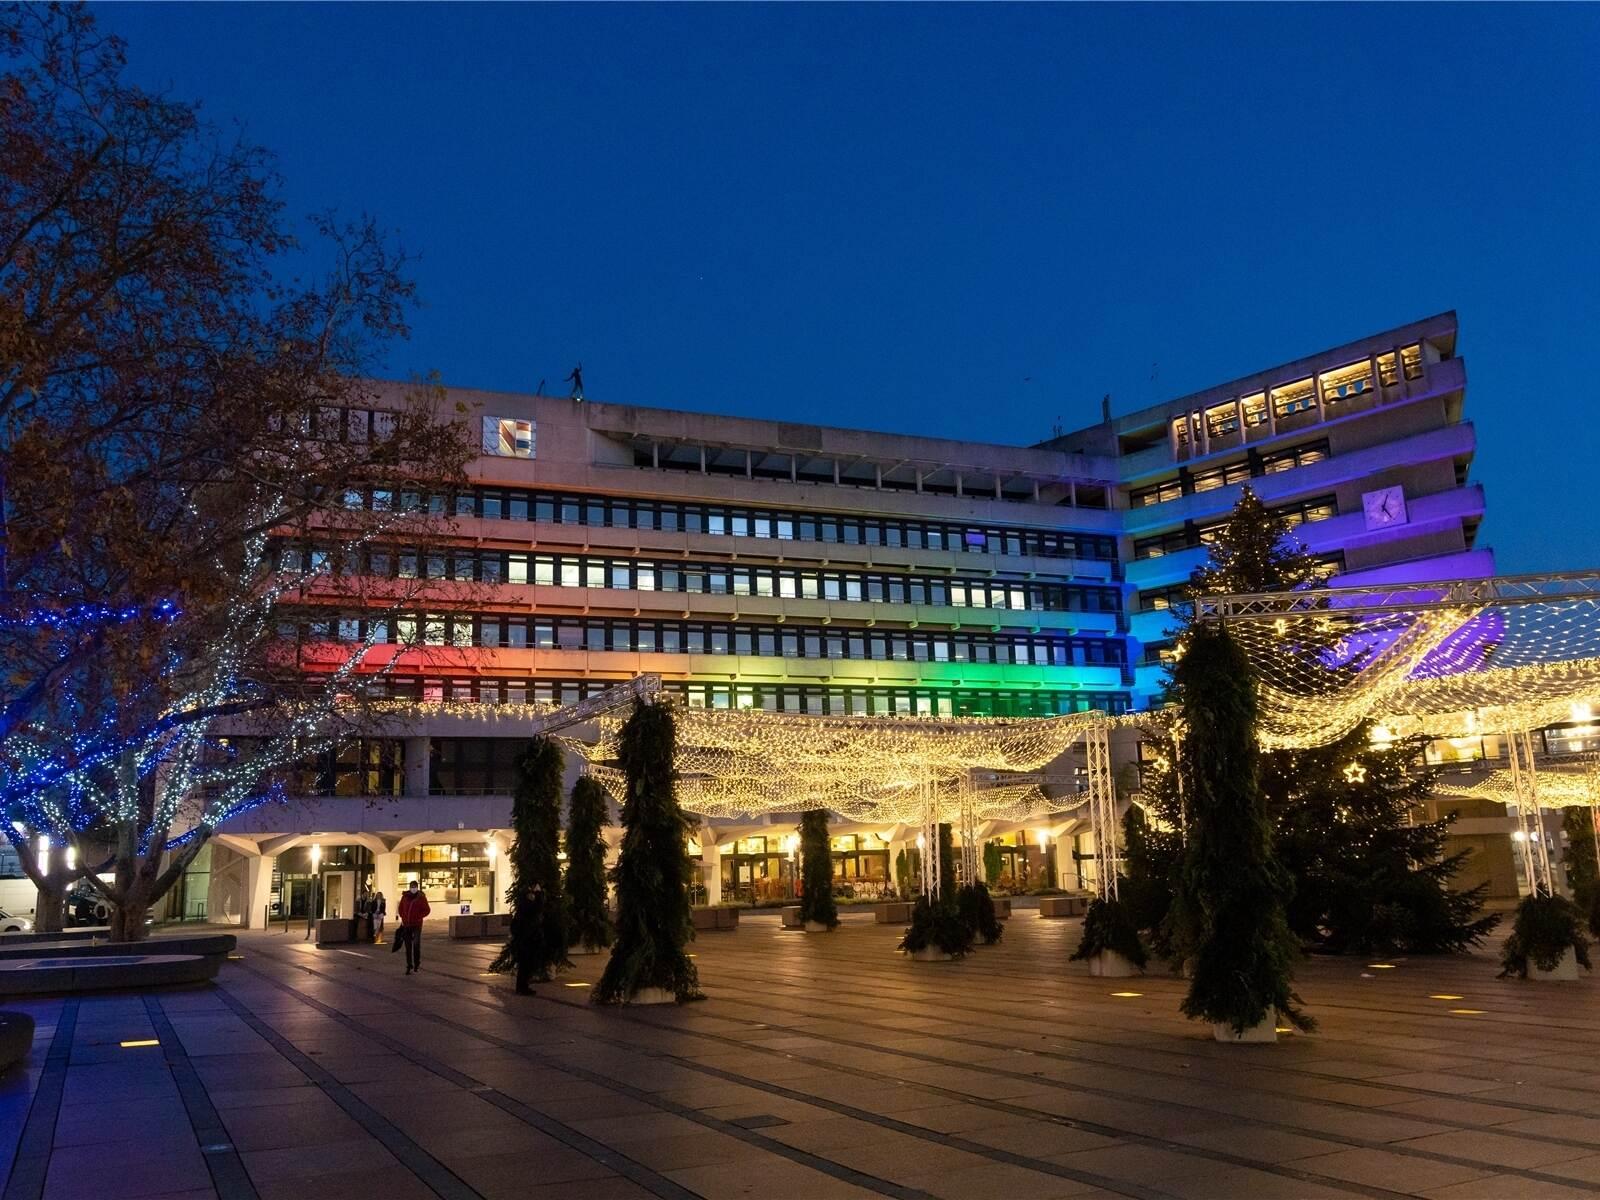 Solidarität: Darum leuchtete das Rathaus in Pforzheim bunt...